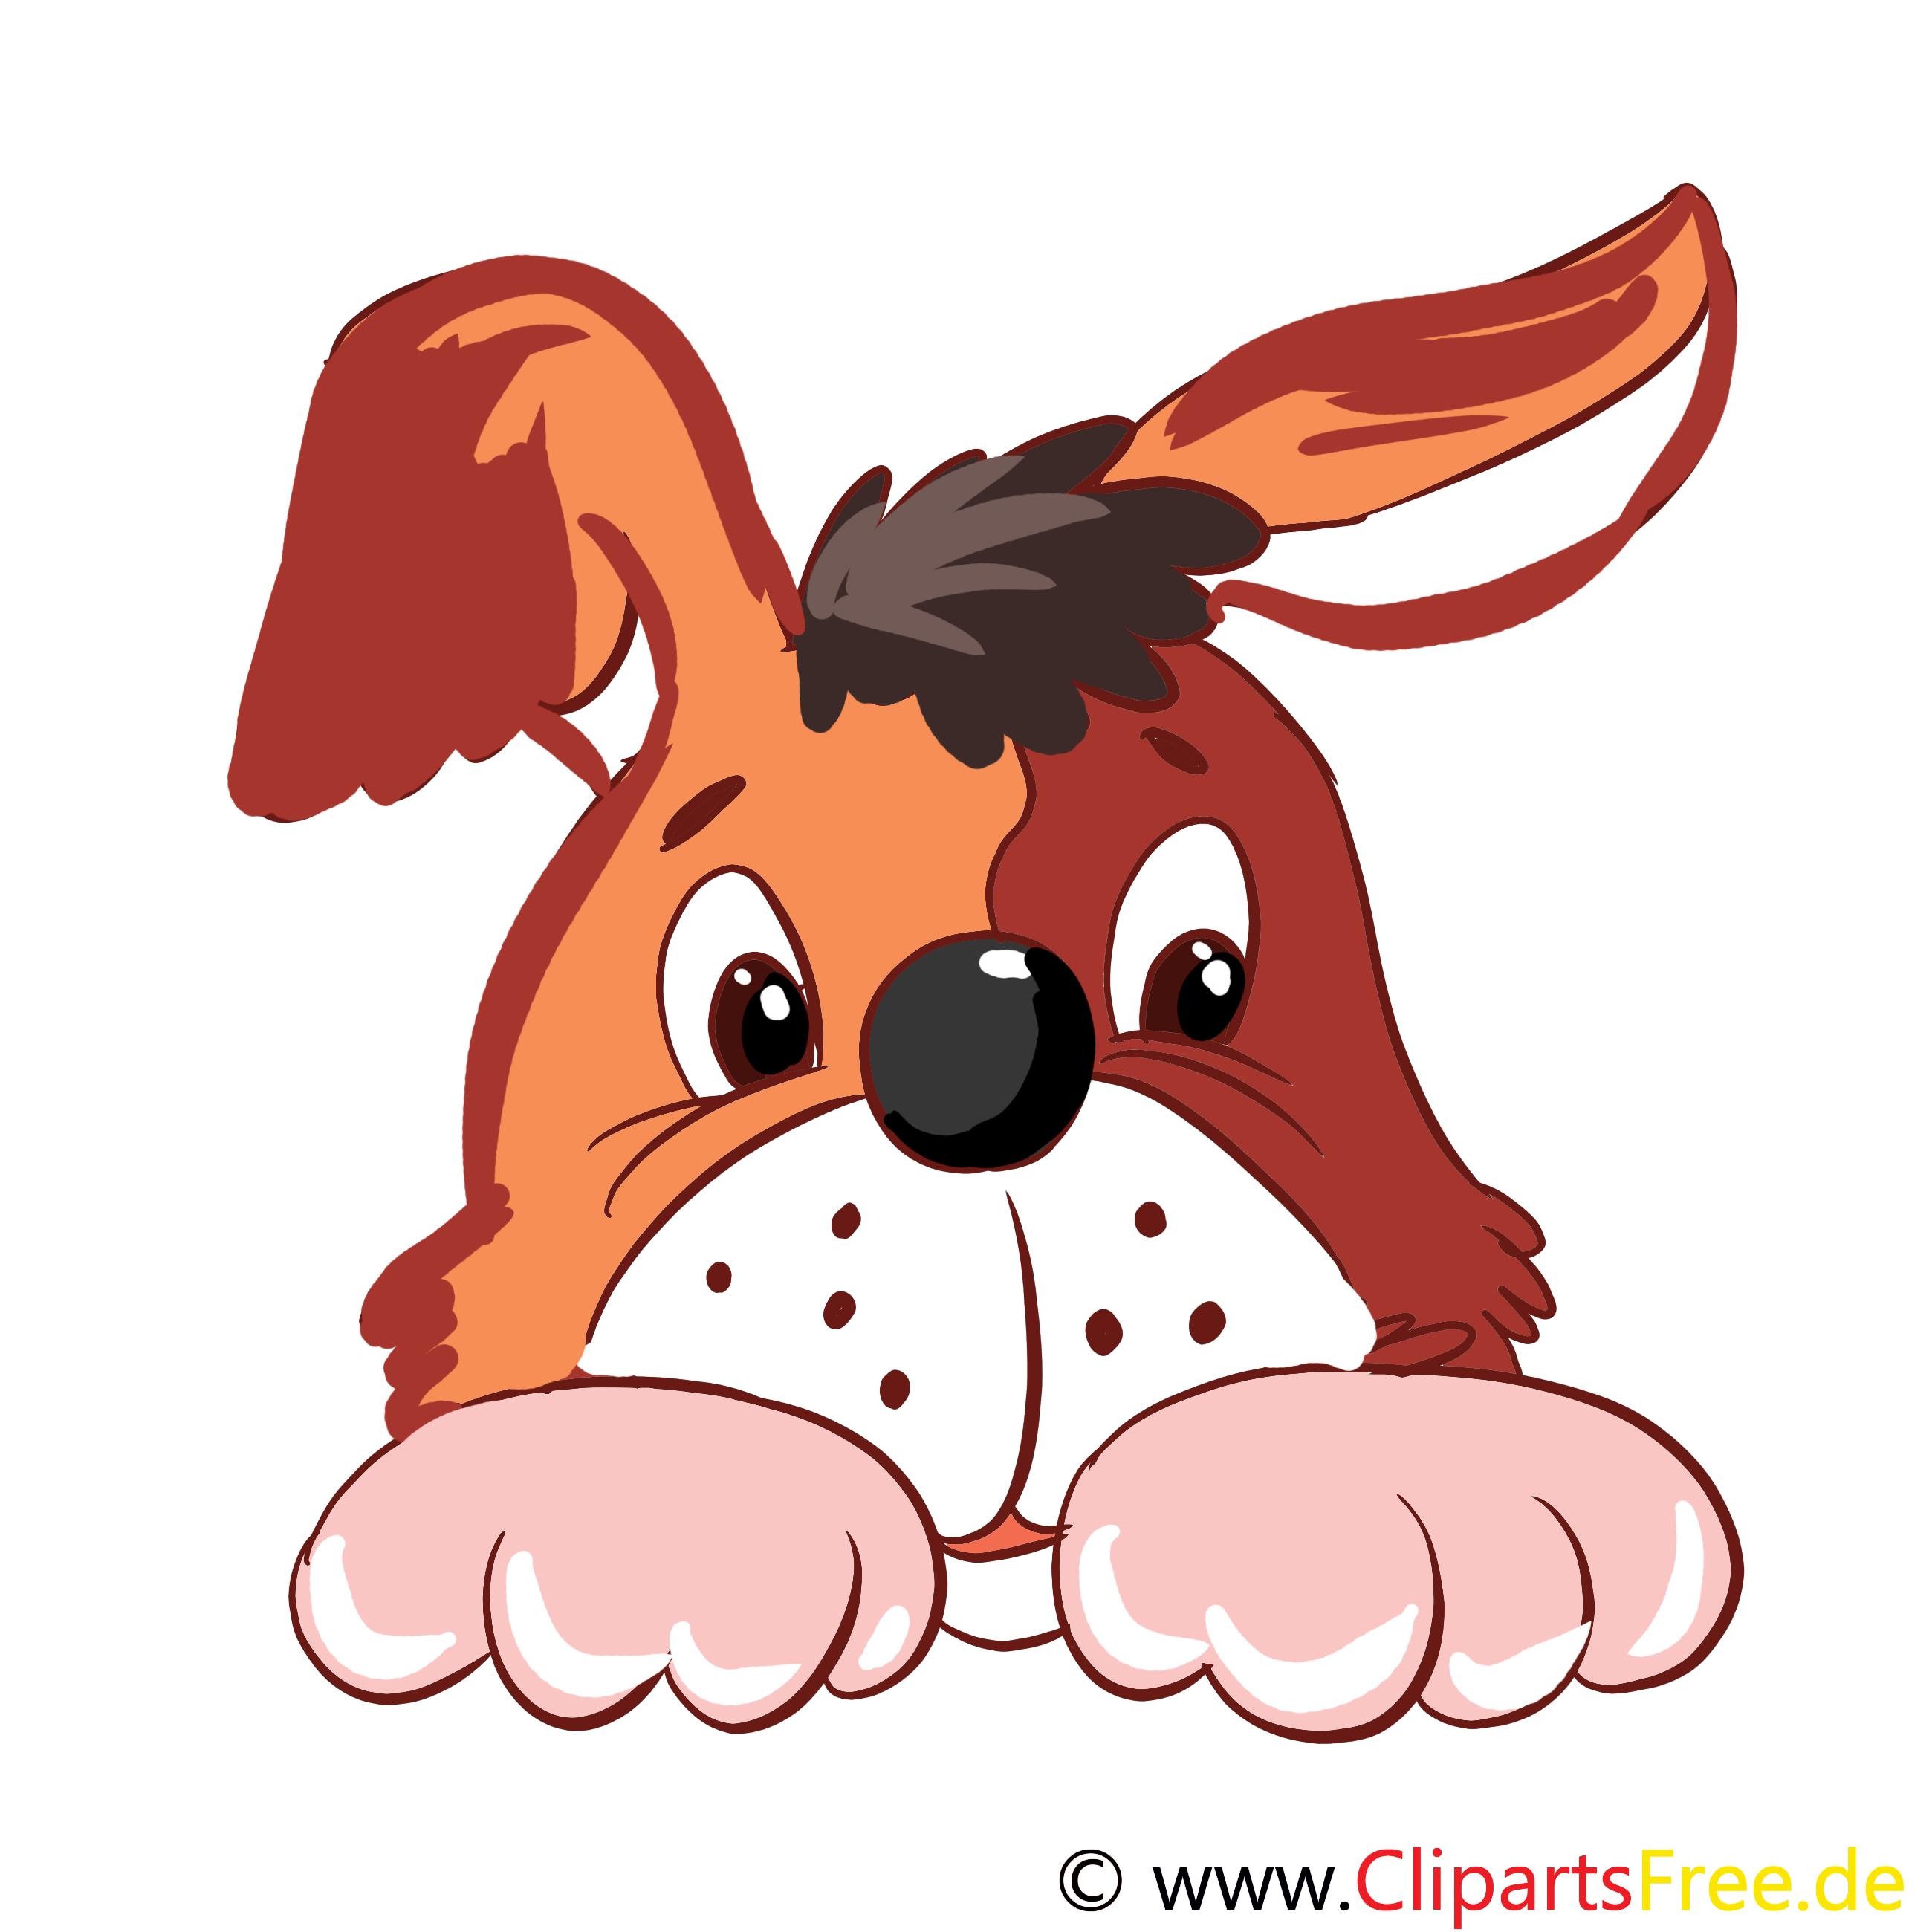 clipart kostenlos hund - photo #28